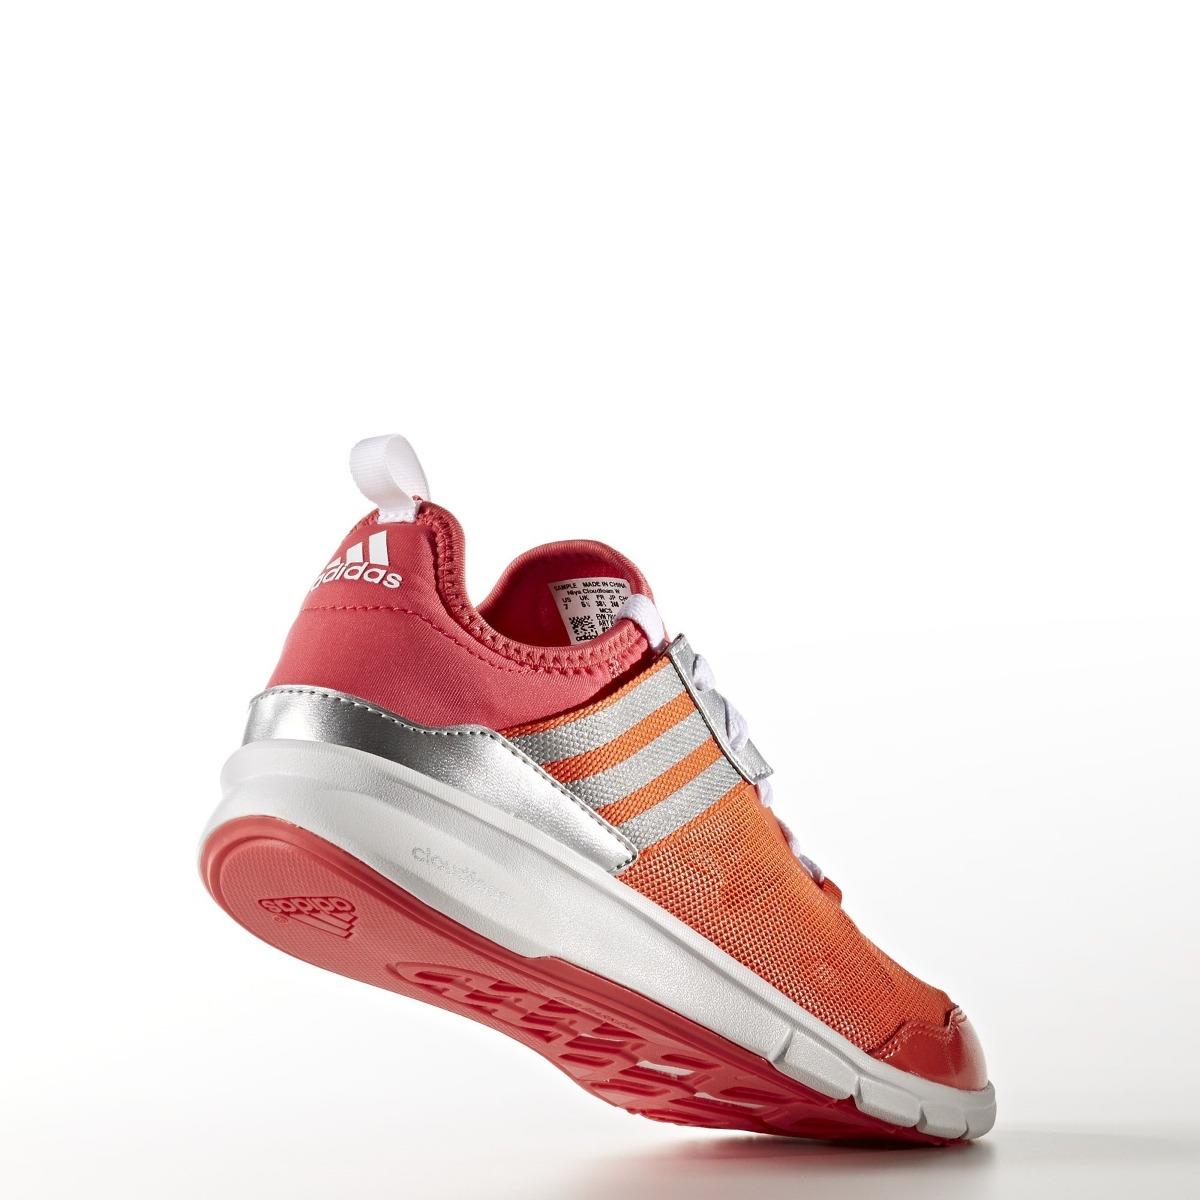 los angeles fa888 3cf92 zapatillas adidas niya cloudfoam w - sagat deportes- bb1565. Cargando zoom.